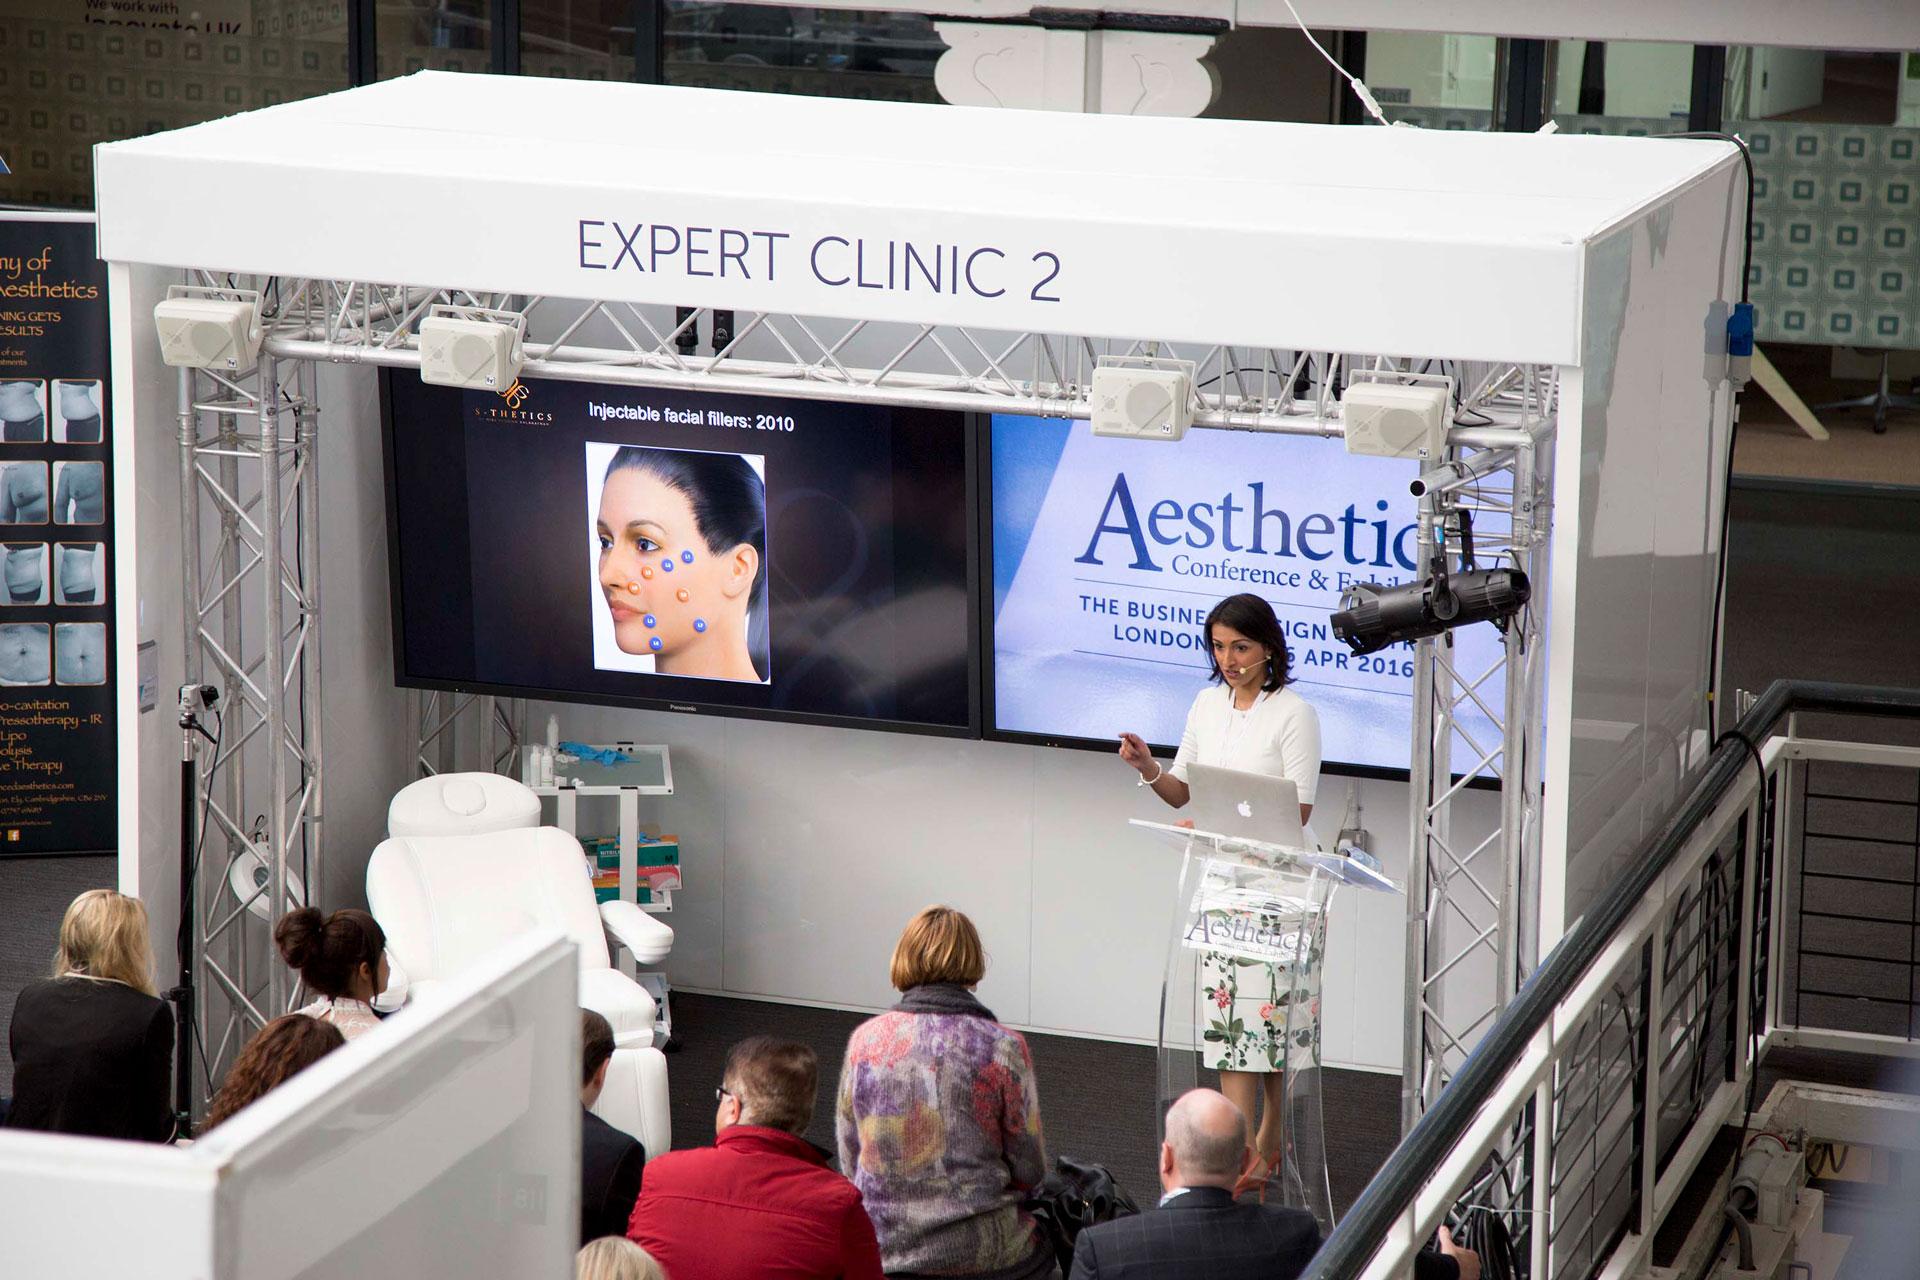 Expert Clinics